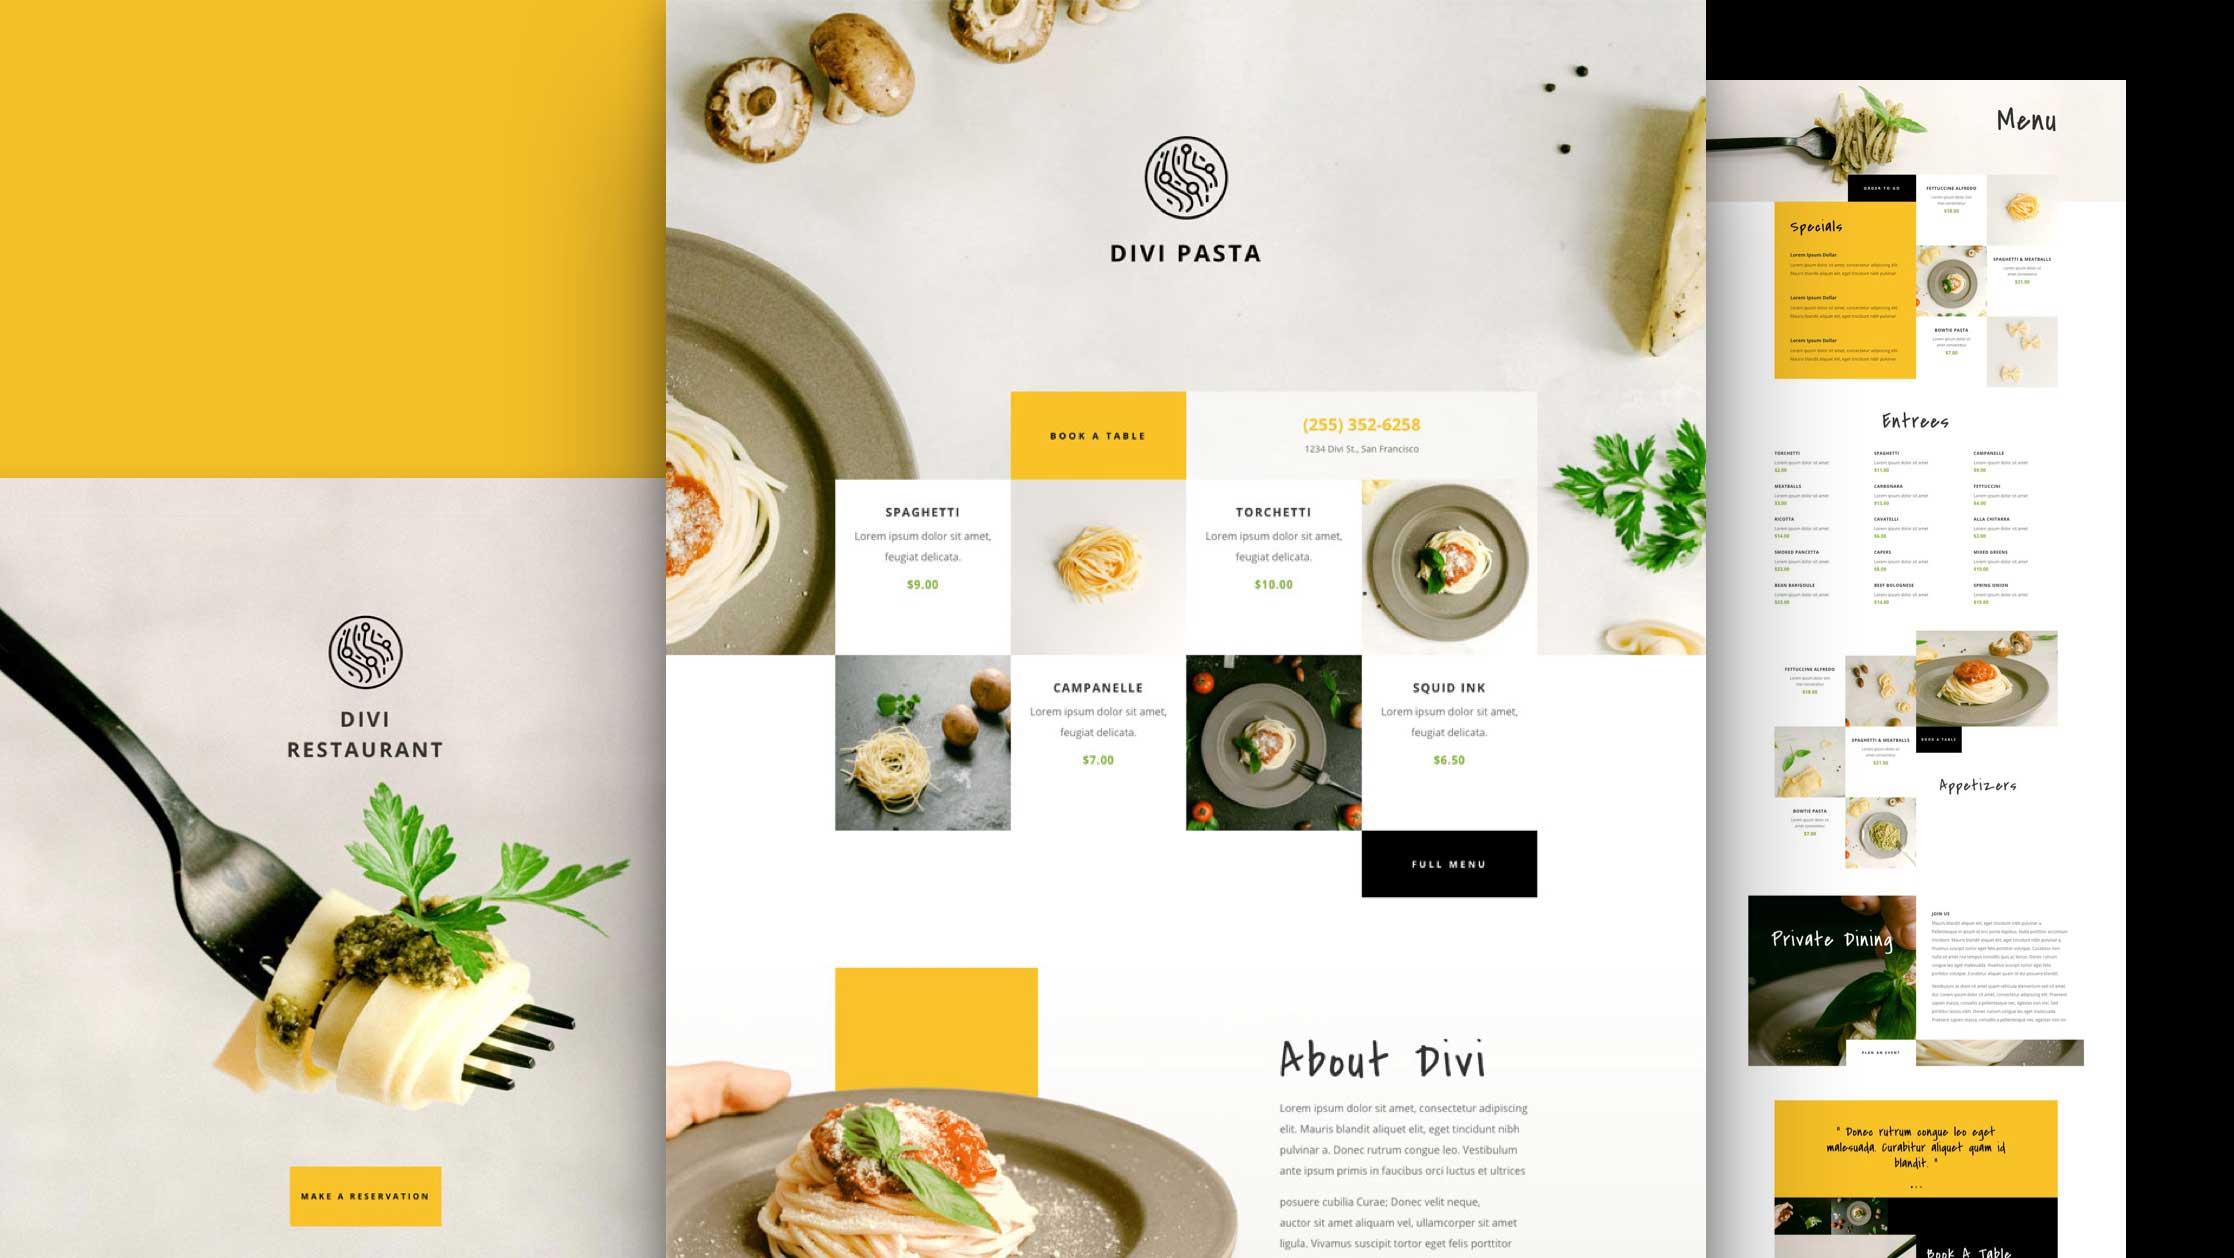 italienisches-restaurant-divi-kostenloses-layout-pack